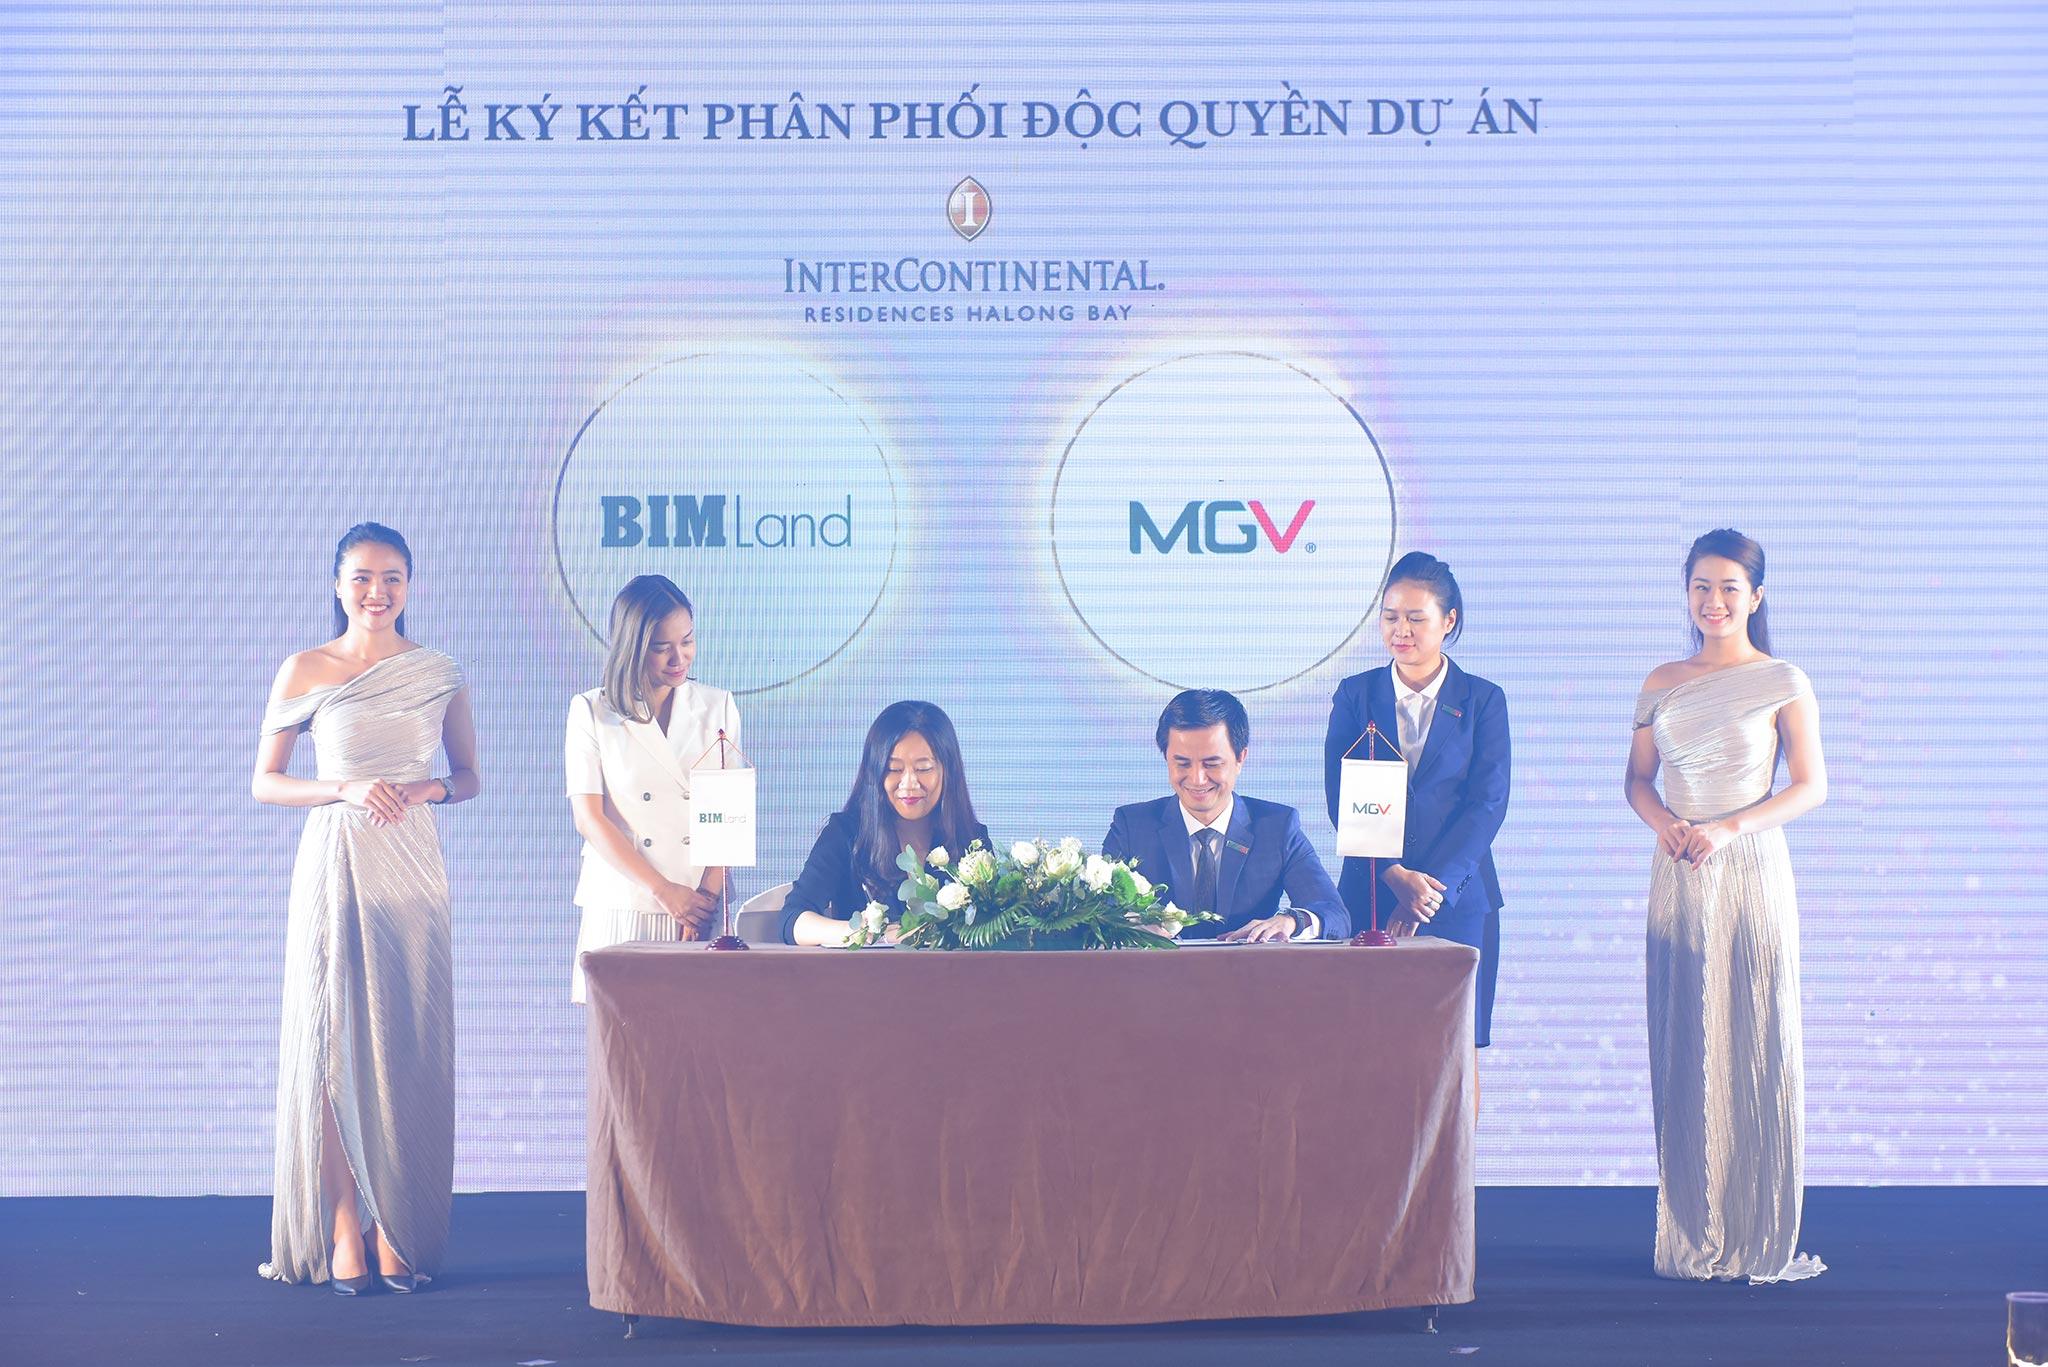 Đại diện BIM Group và MGV ký kết Phân phối độc quyền dự án